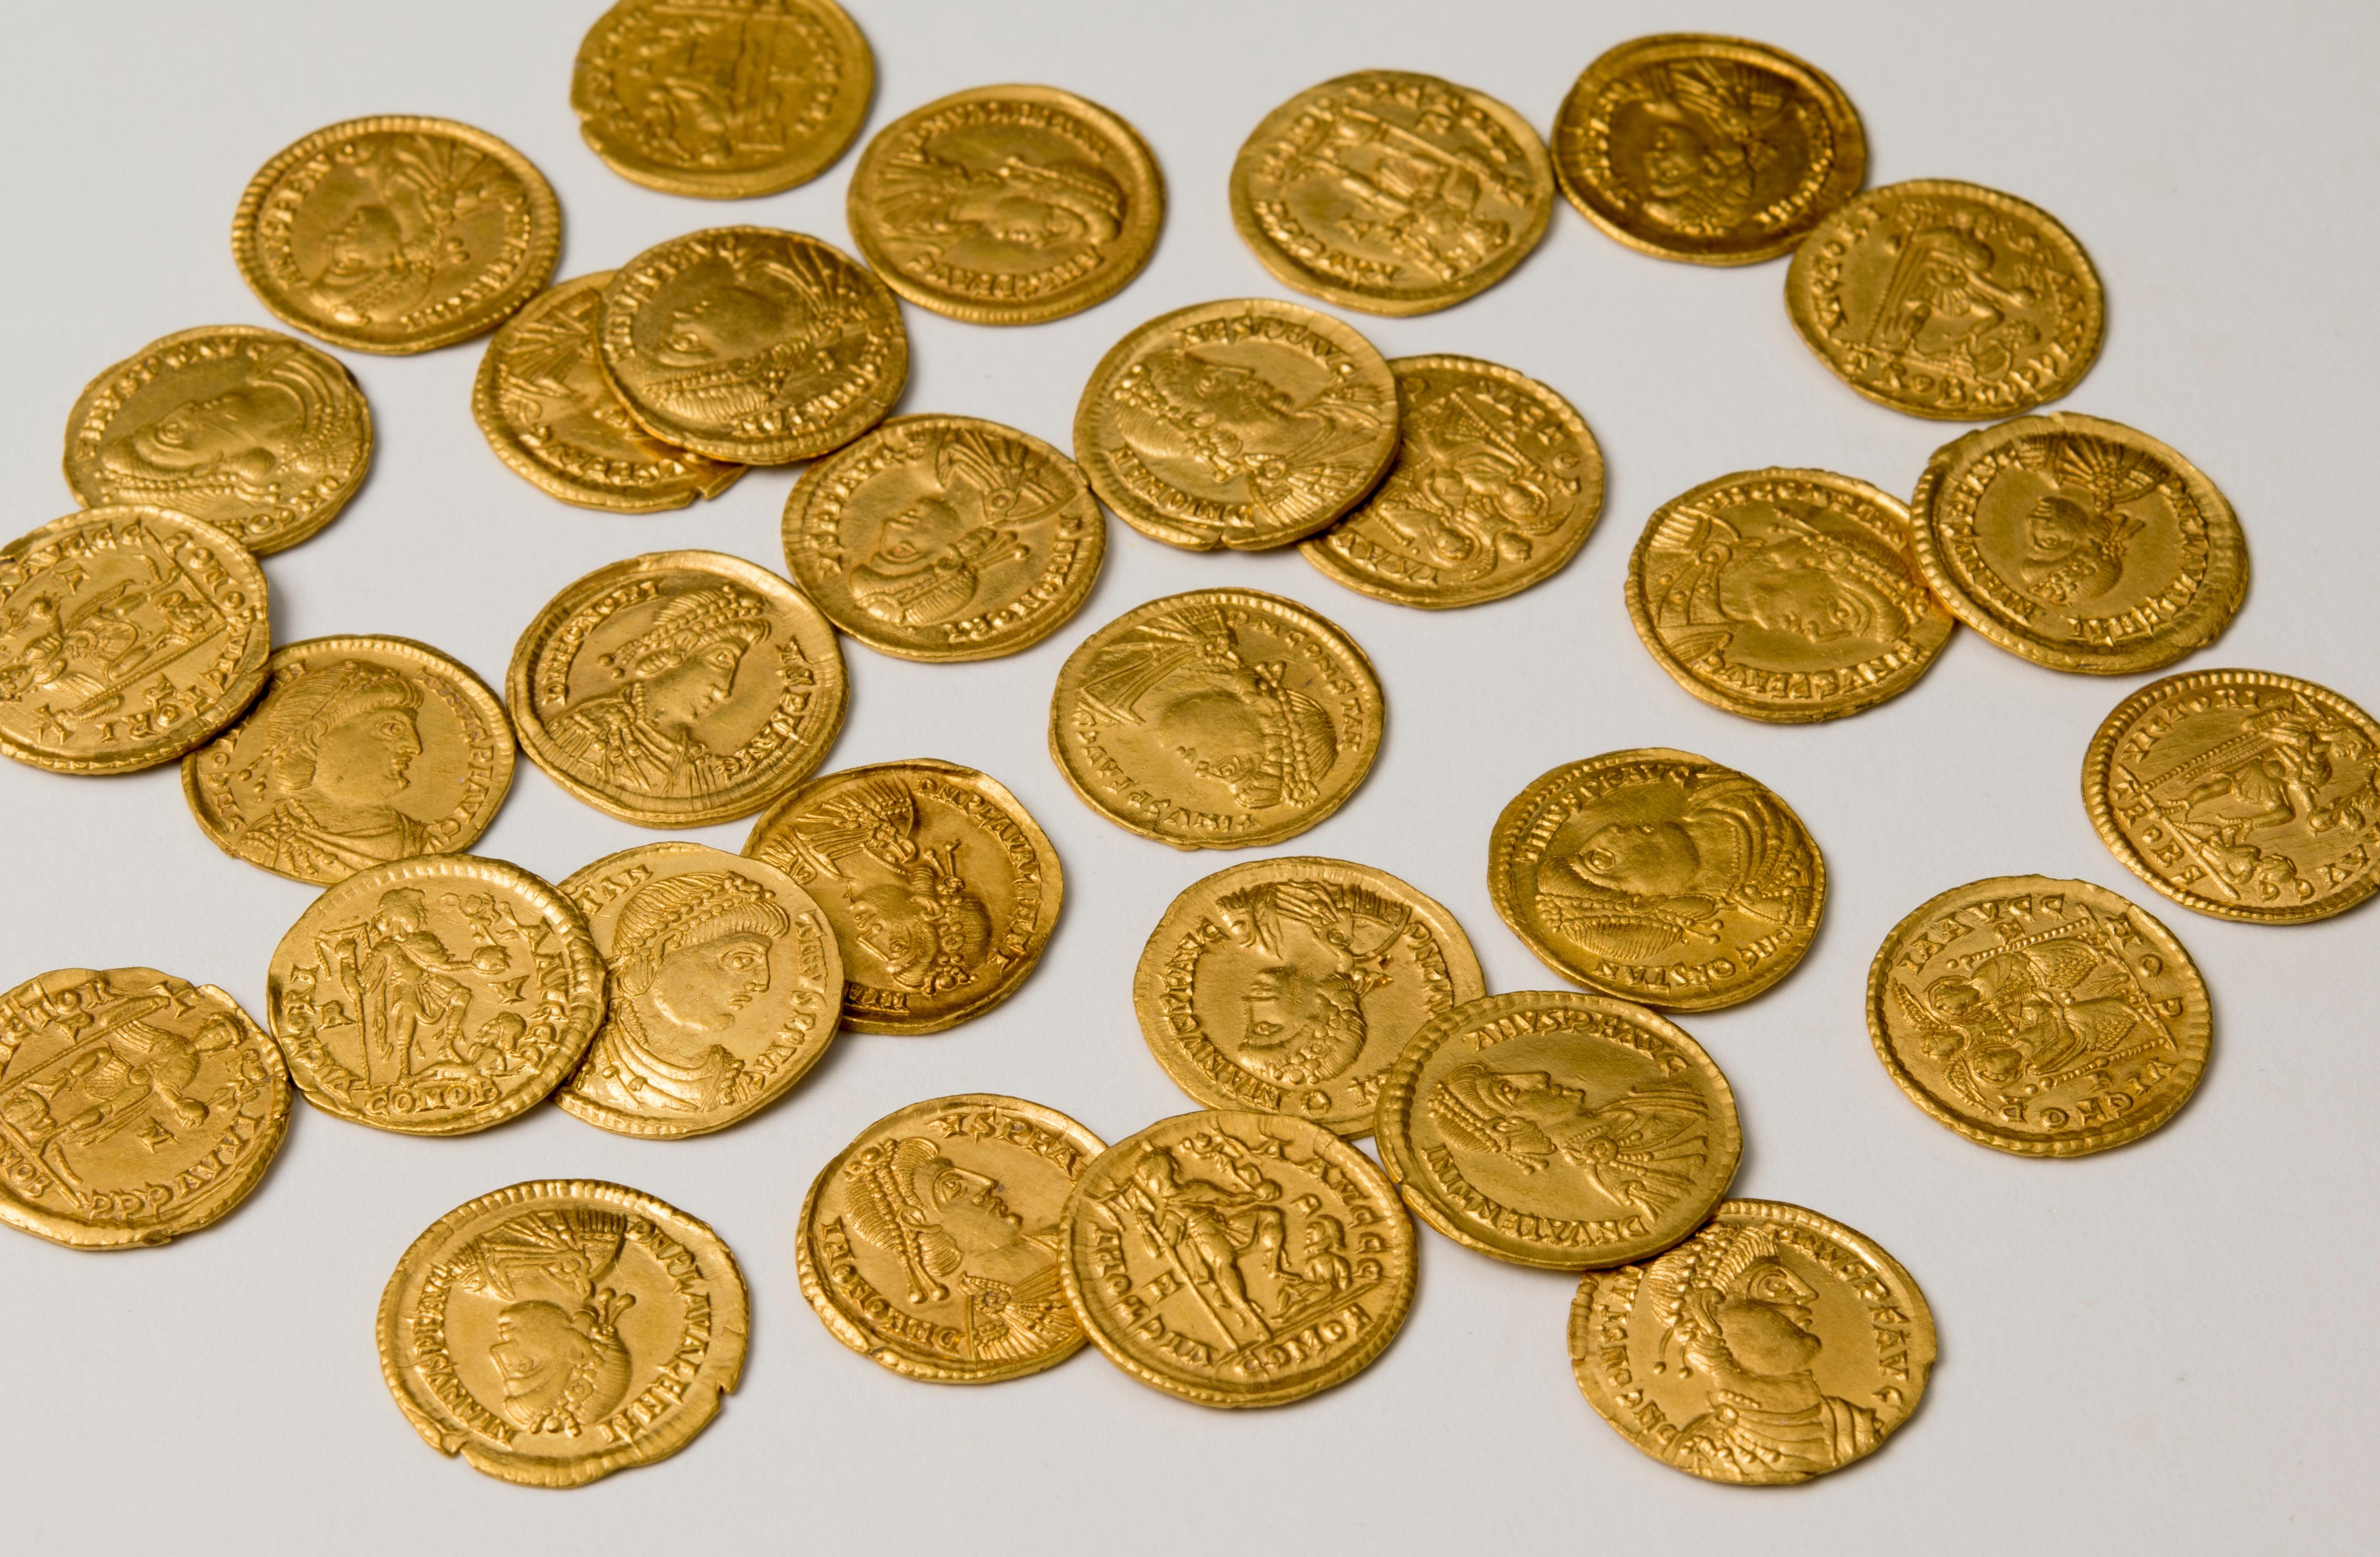 Найден клад золотых монет западной римской империи pogodovka.